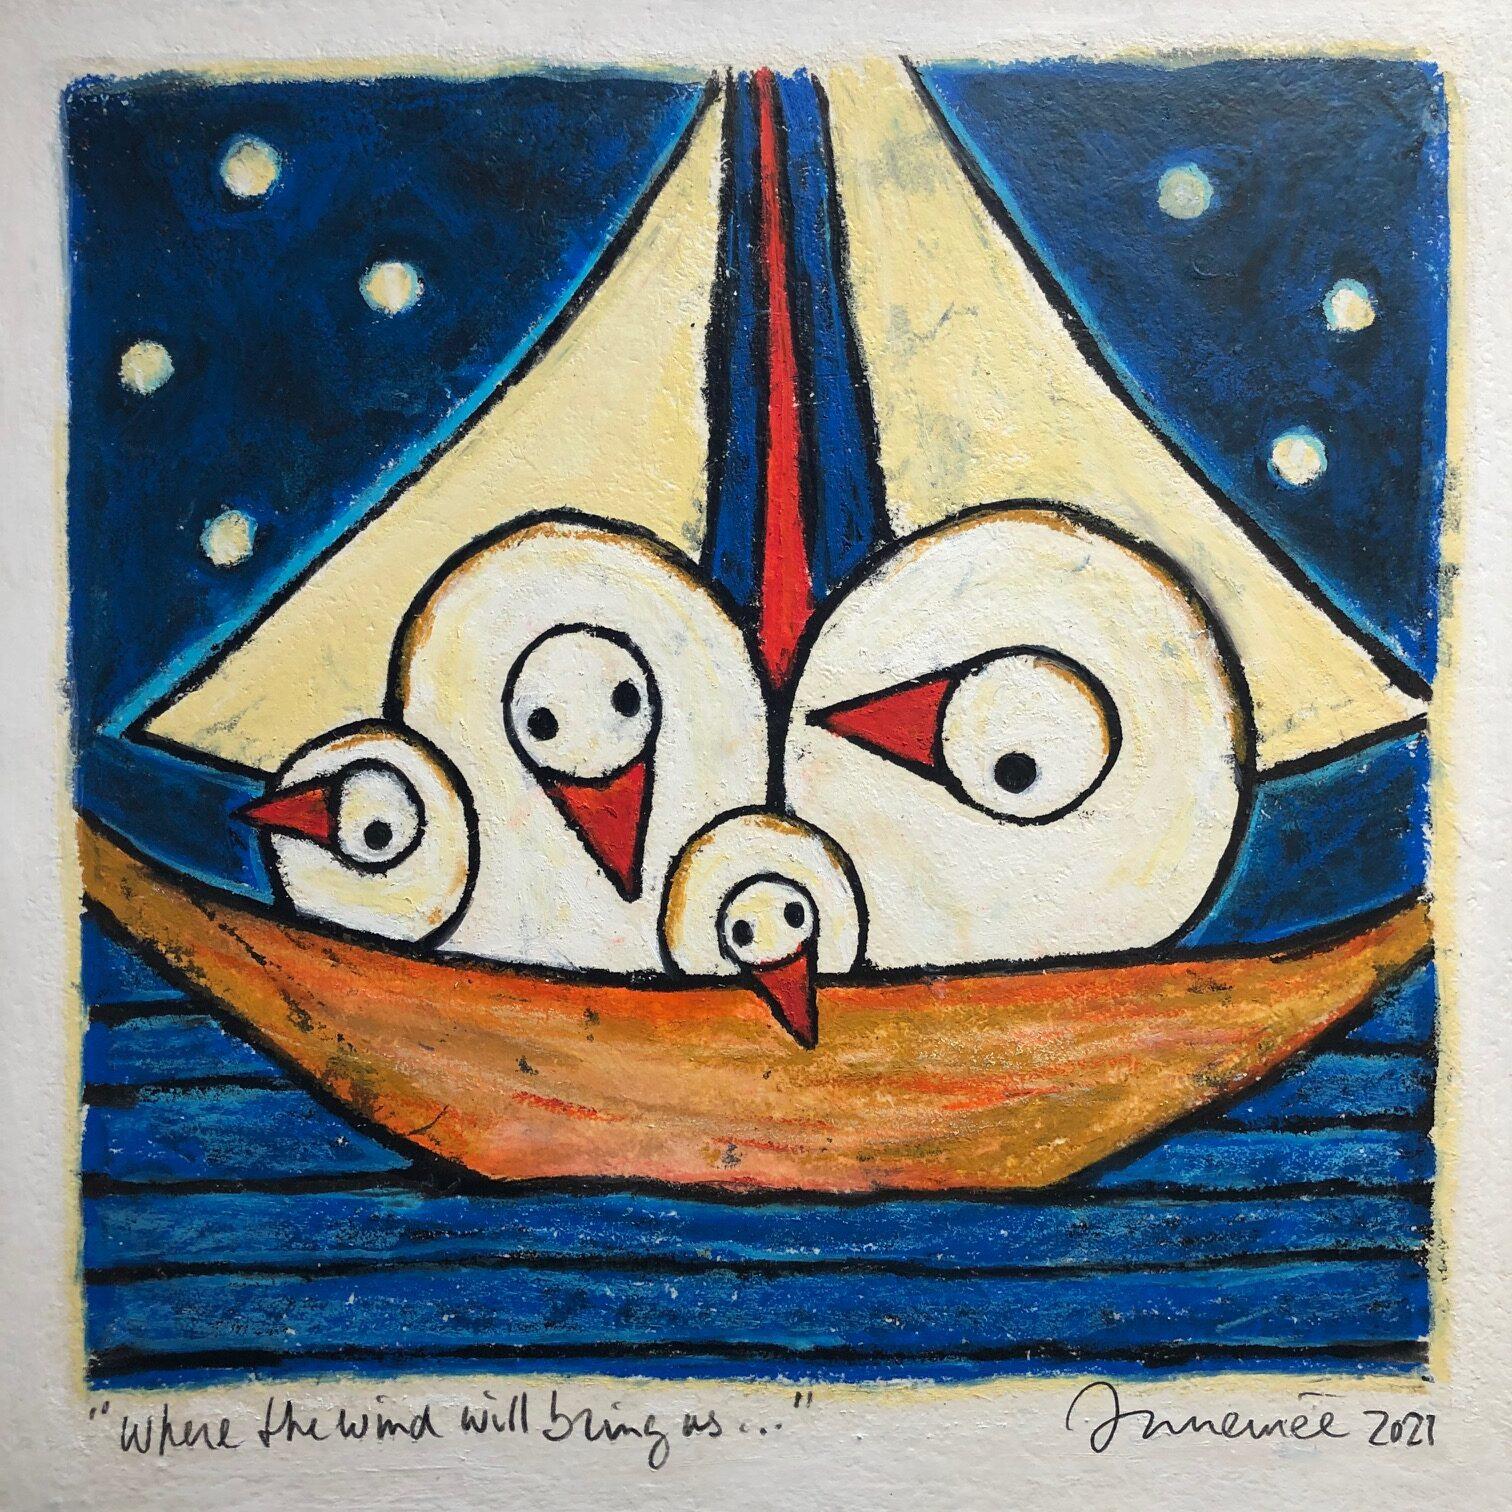 Hans Innemee schilderij 'Where the wind will bring us..'